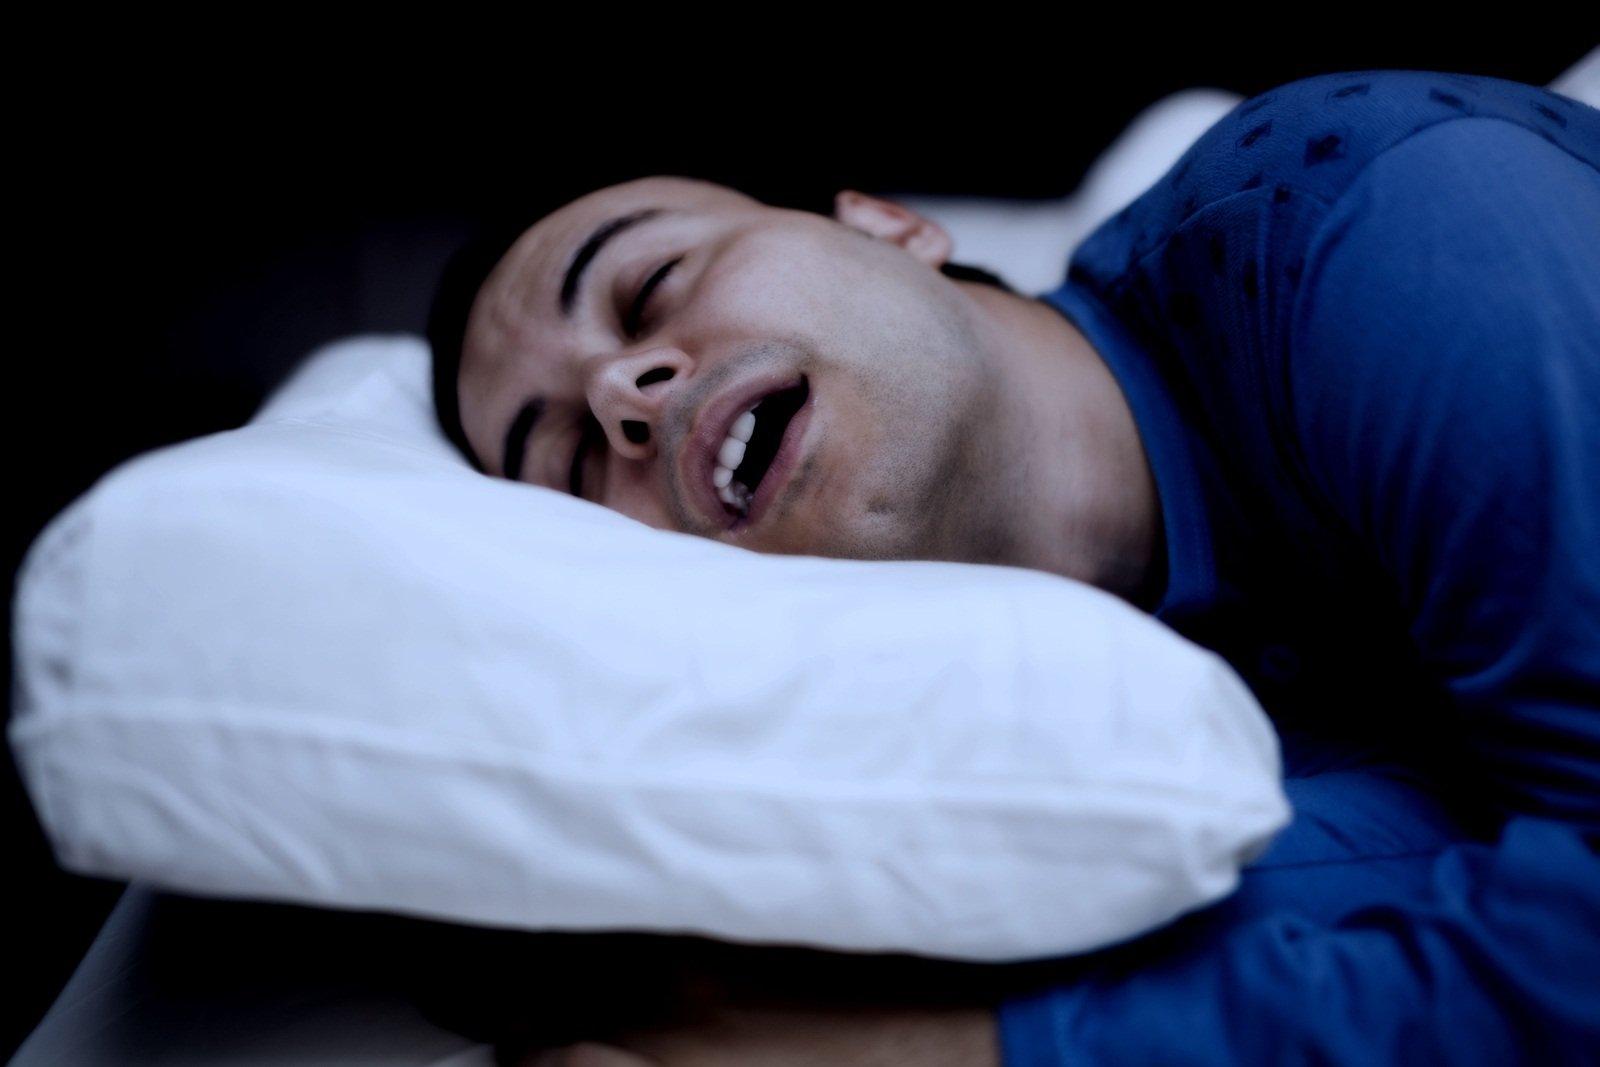 นอนกรนรุนแรง เสี่ยงหยุดหายใจ thaihealth